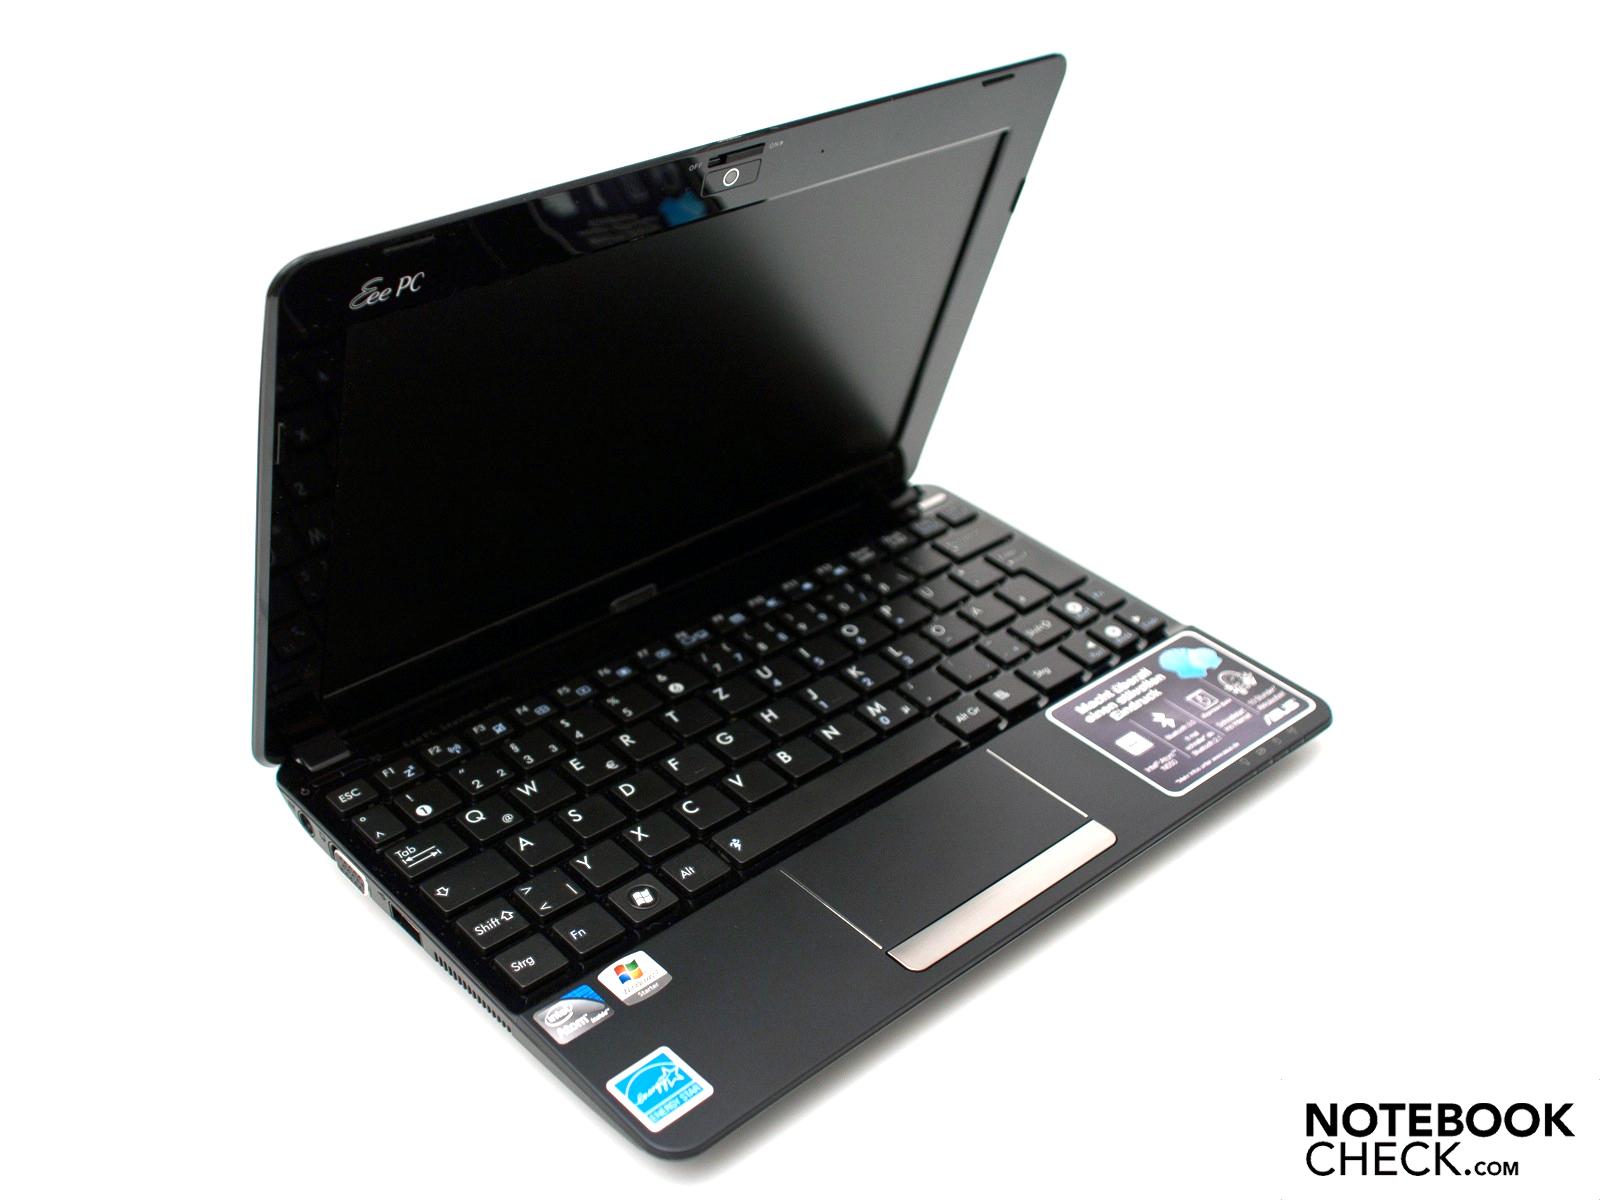 Asus Eee PC 1015PEM Netbook USB Charge Windows Vista 64-BIT